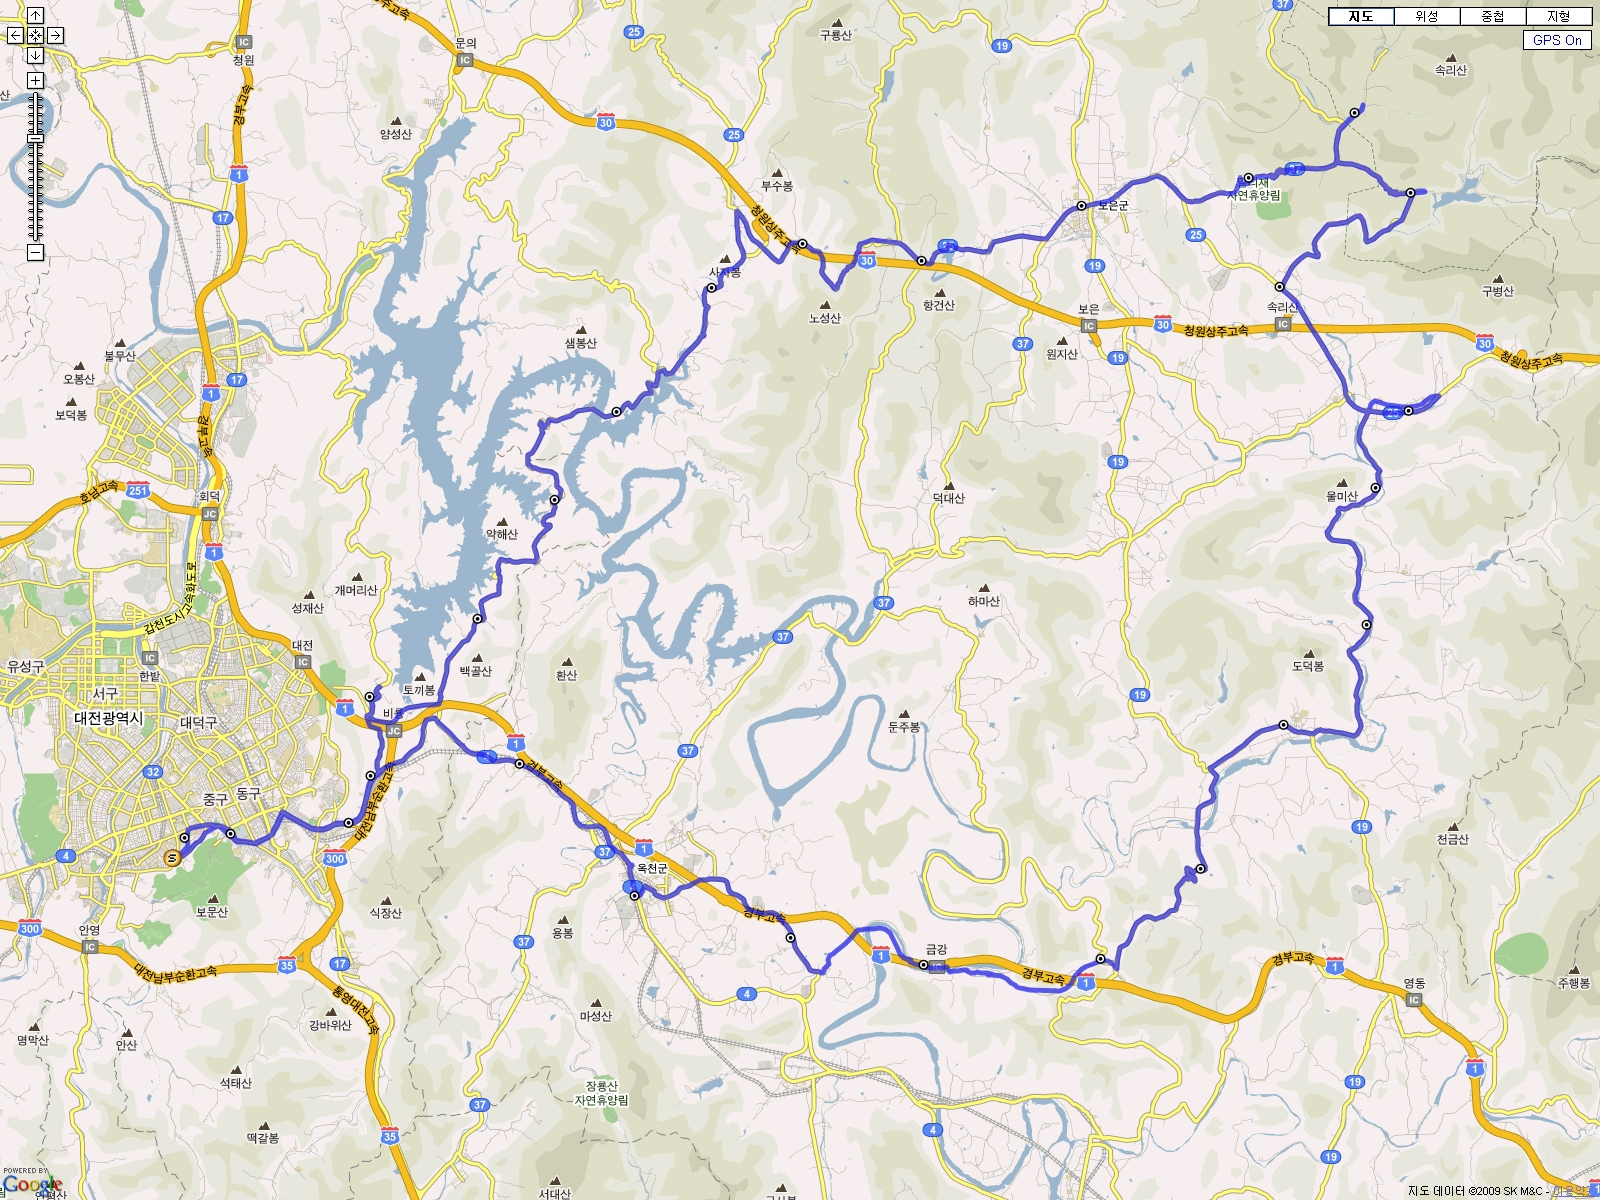 구글 지도 모드